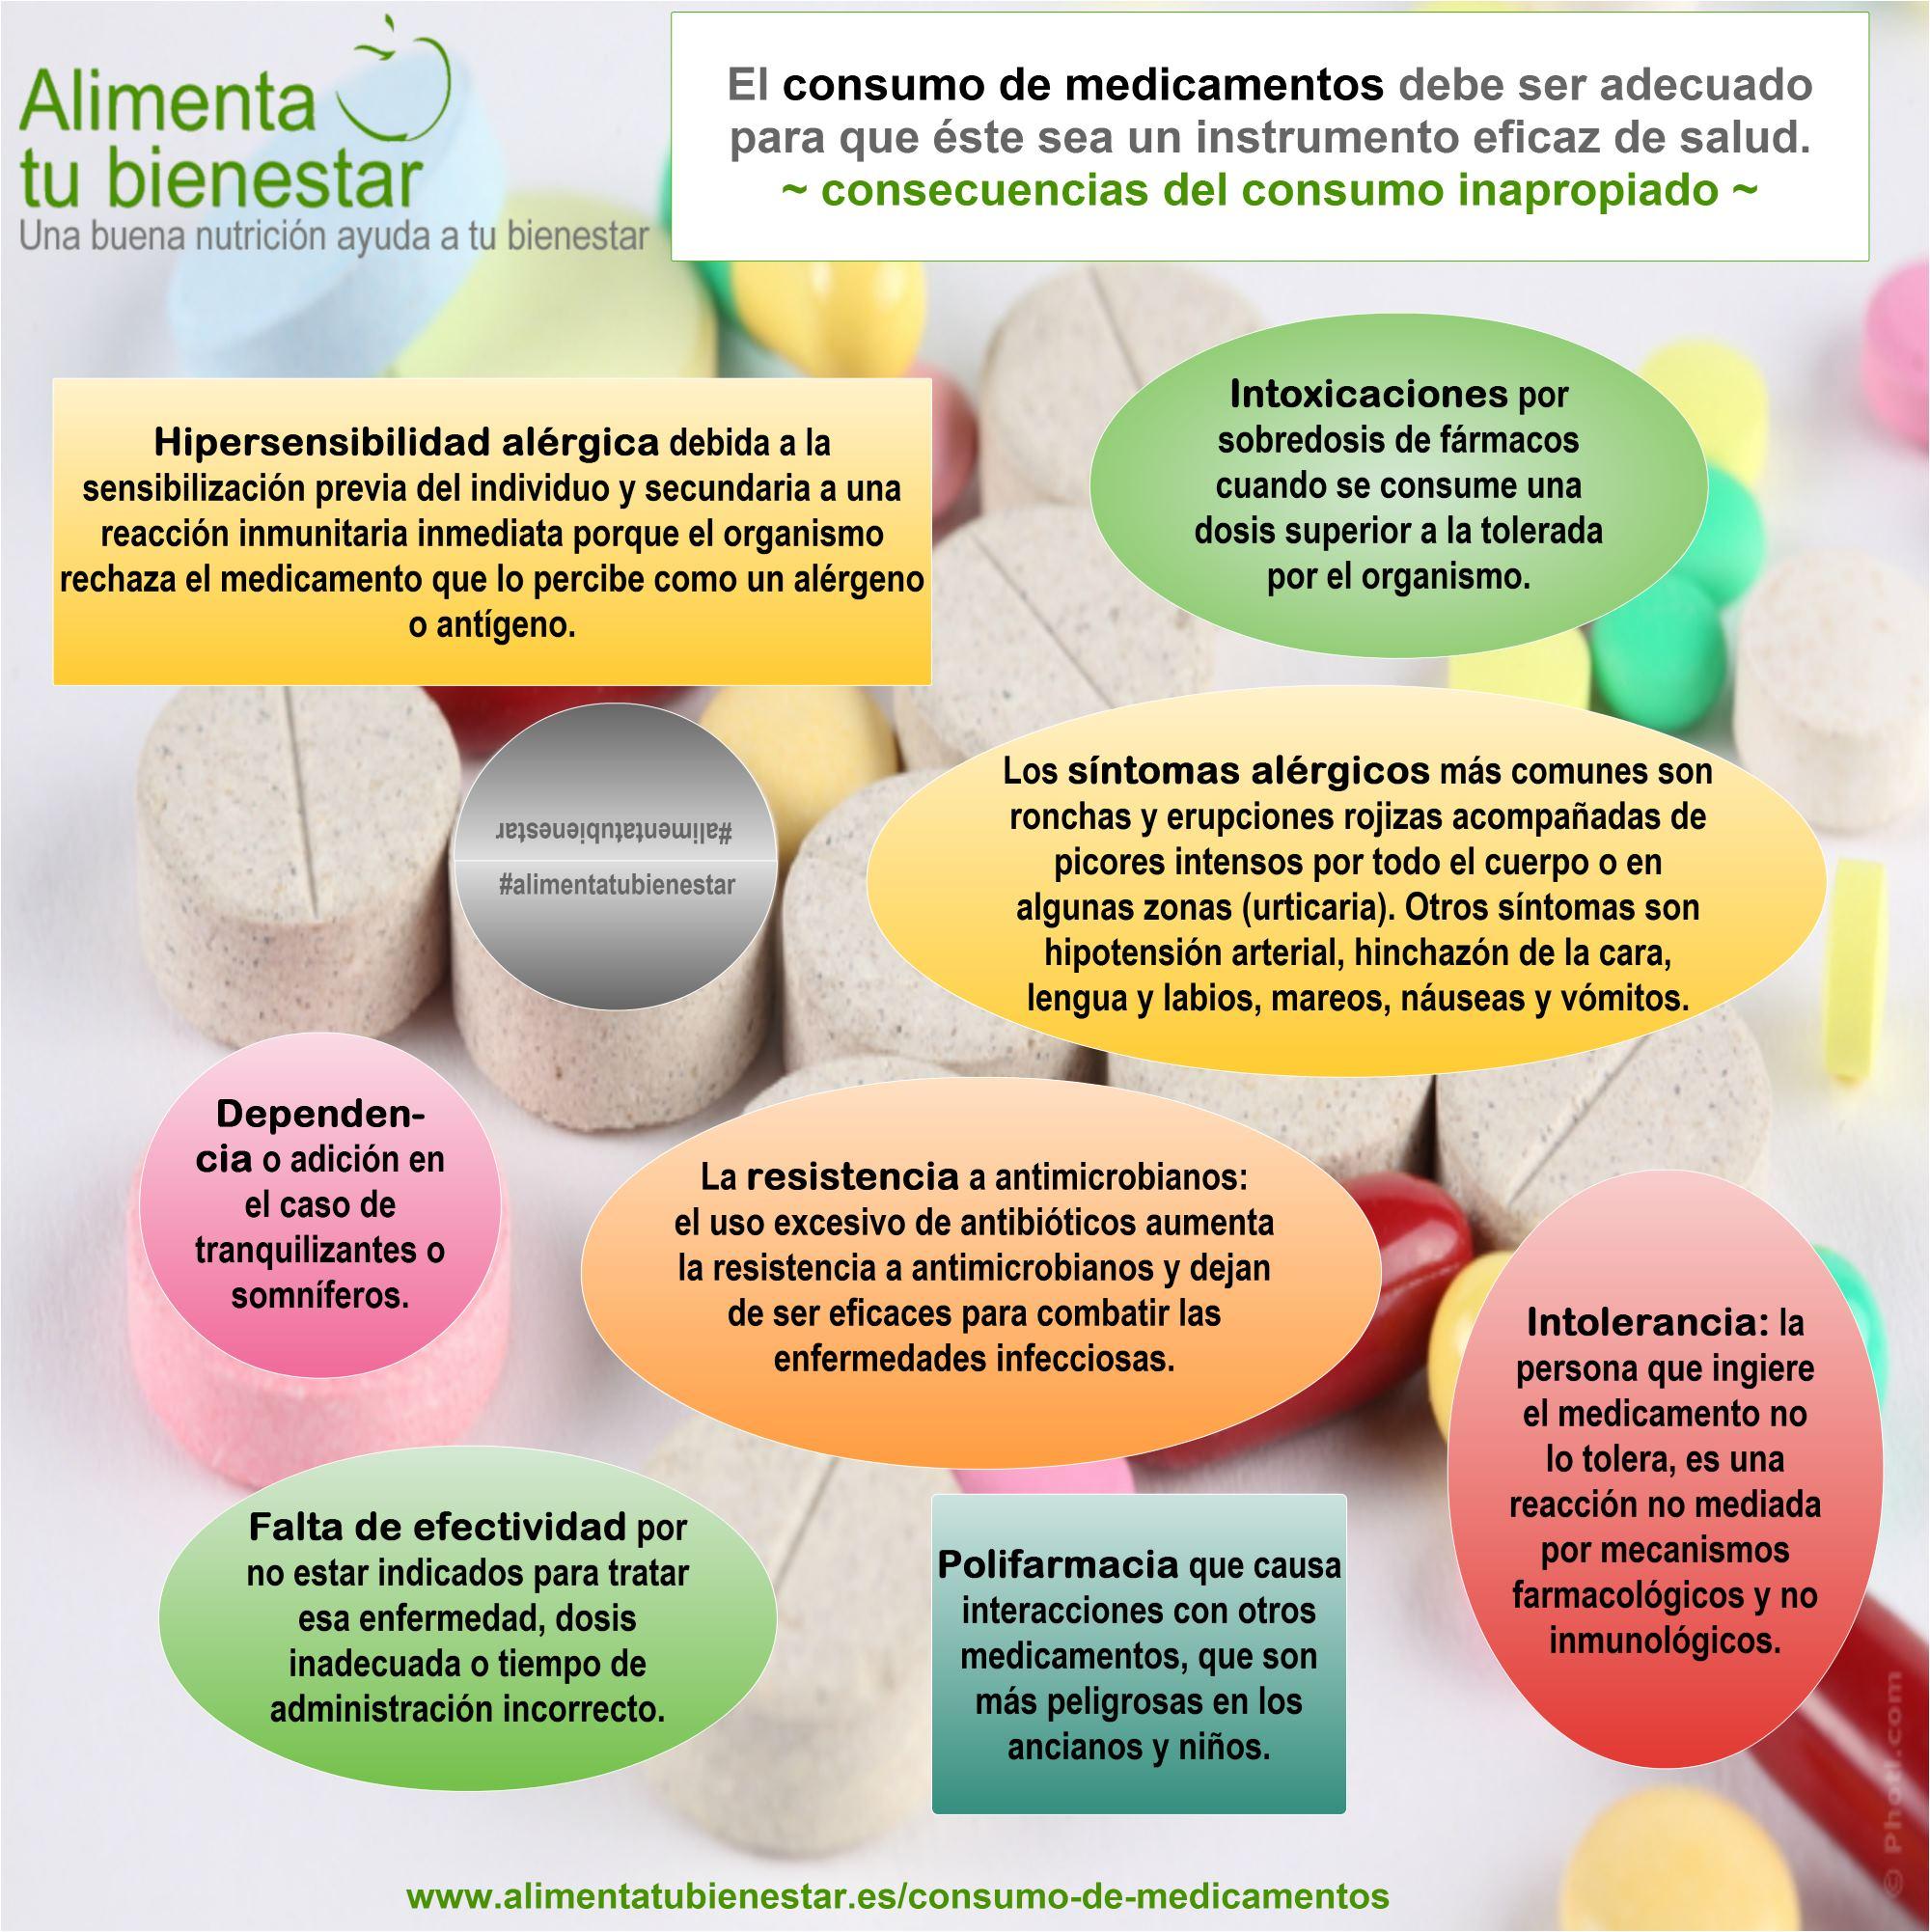 Consecuencias del consumo de medicamentos inapropiado